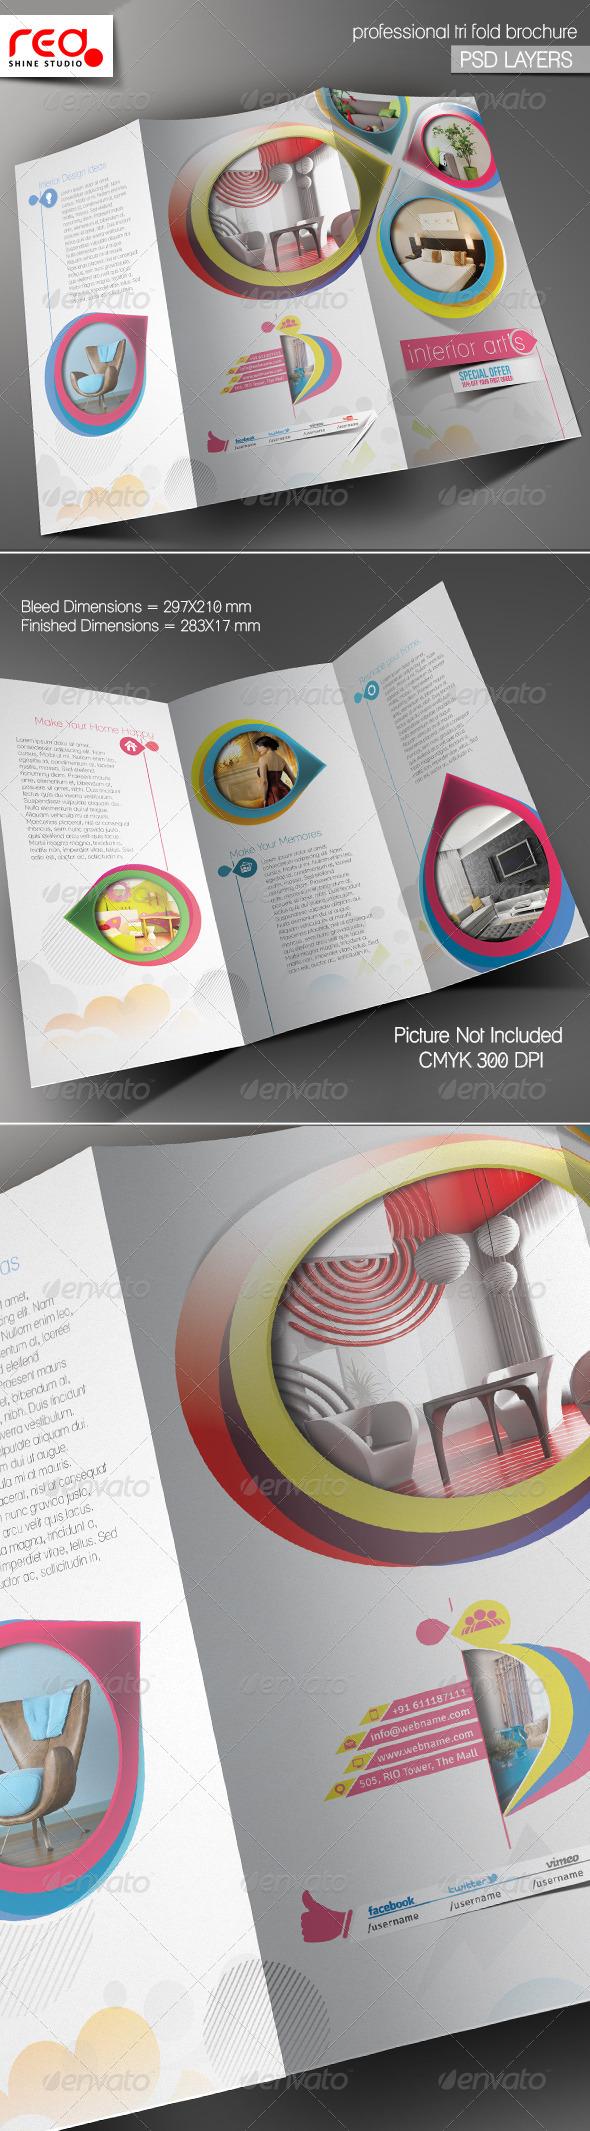 GraphicRiver Architecture & Interior Decorator Trifold Brochure 5447087